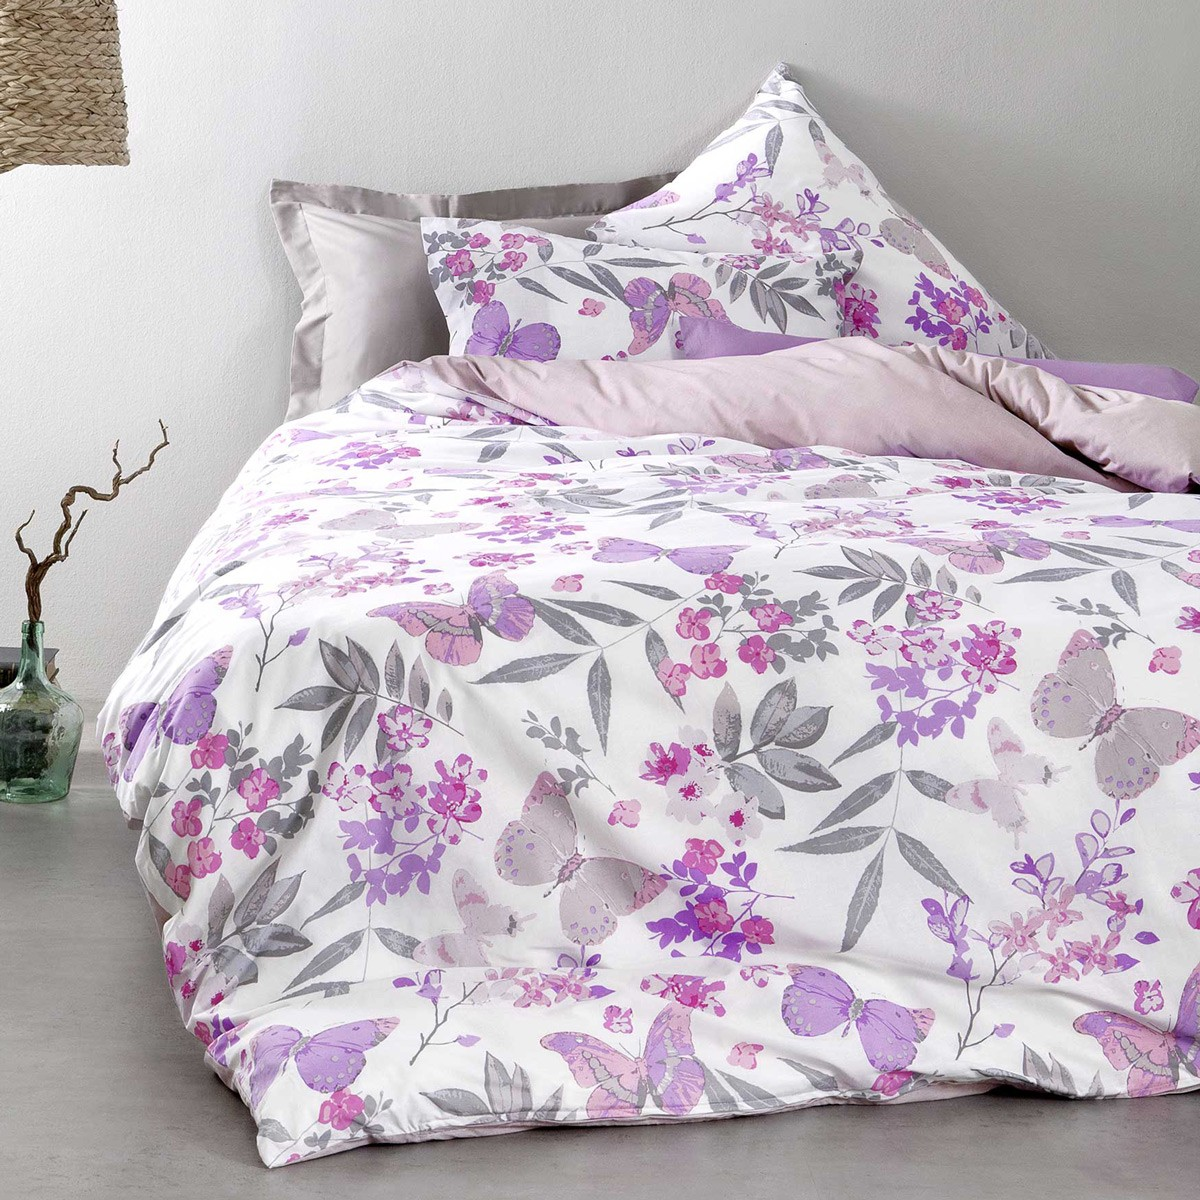 Κουβερλί Υπέρδιπλο Nima Bed Linen Tahiti Lilac